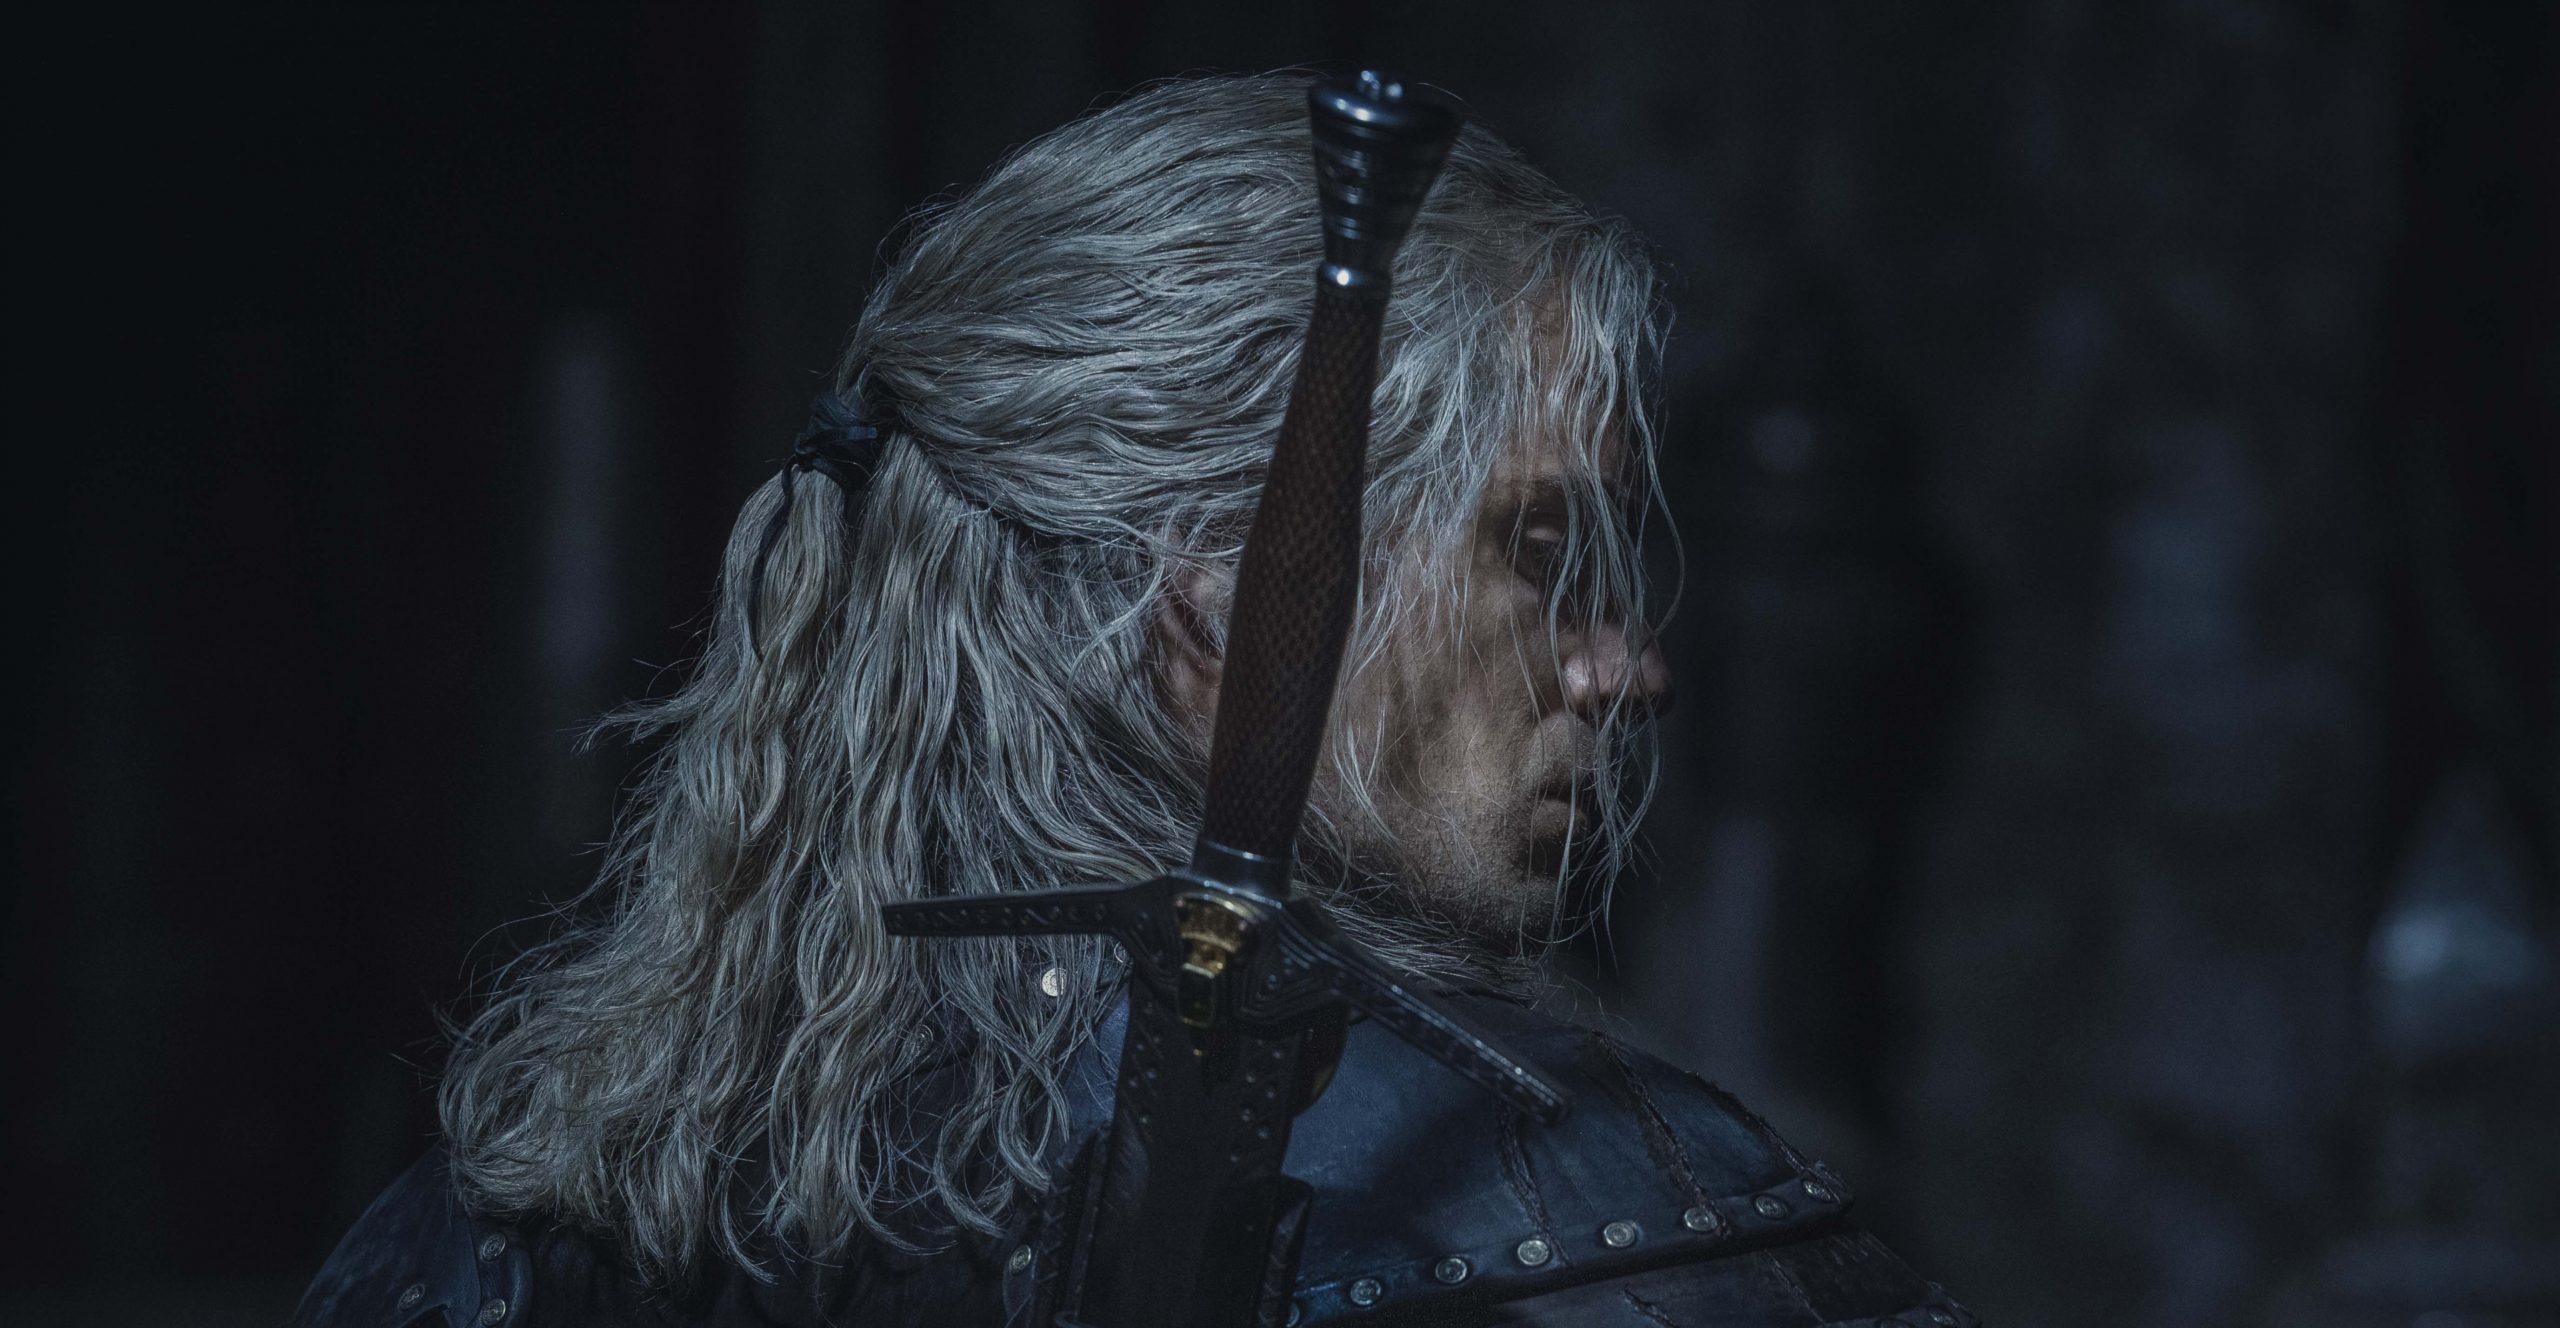 Nueva armadura: Checa las primeras imágenes de la segunda temporada de 'The Witcher'